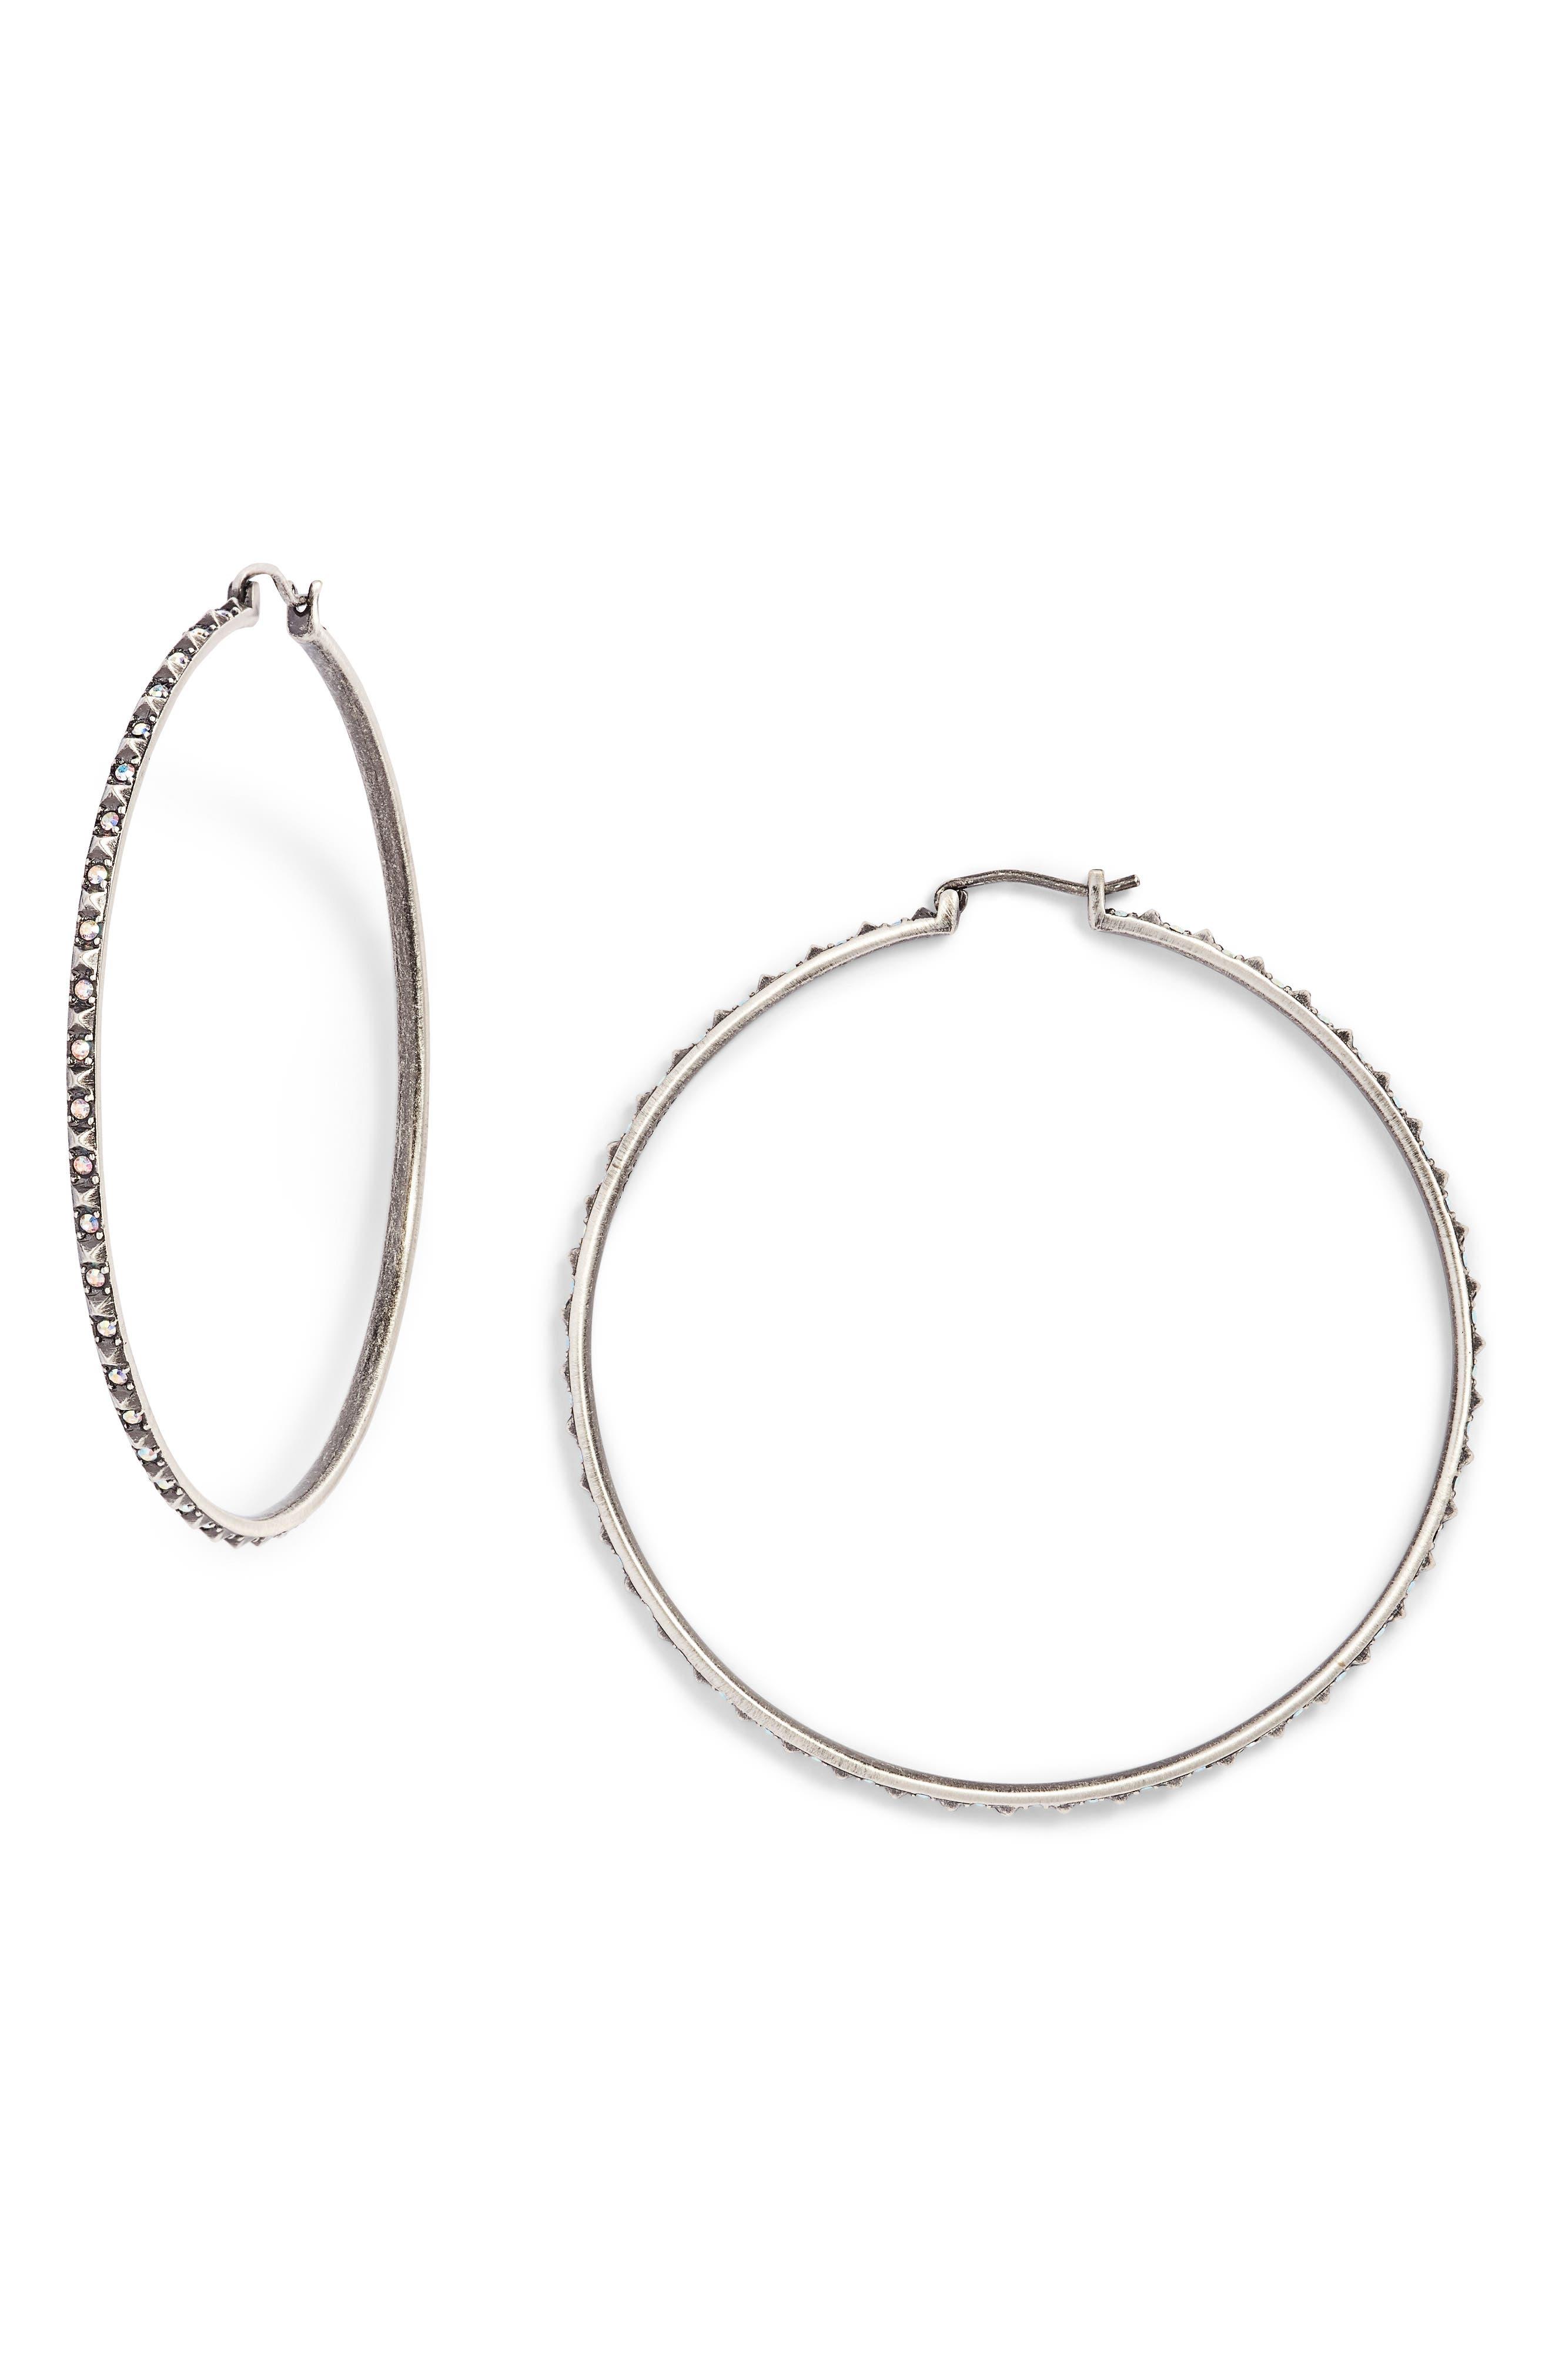 Annemarie Crystal Studded Hoop Earrings,                             Main thumbnail 1, color,                             040